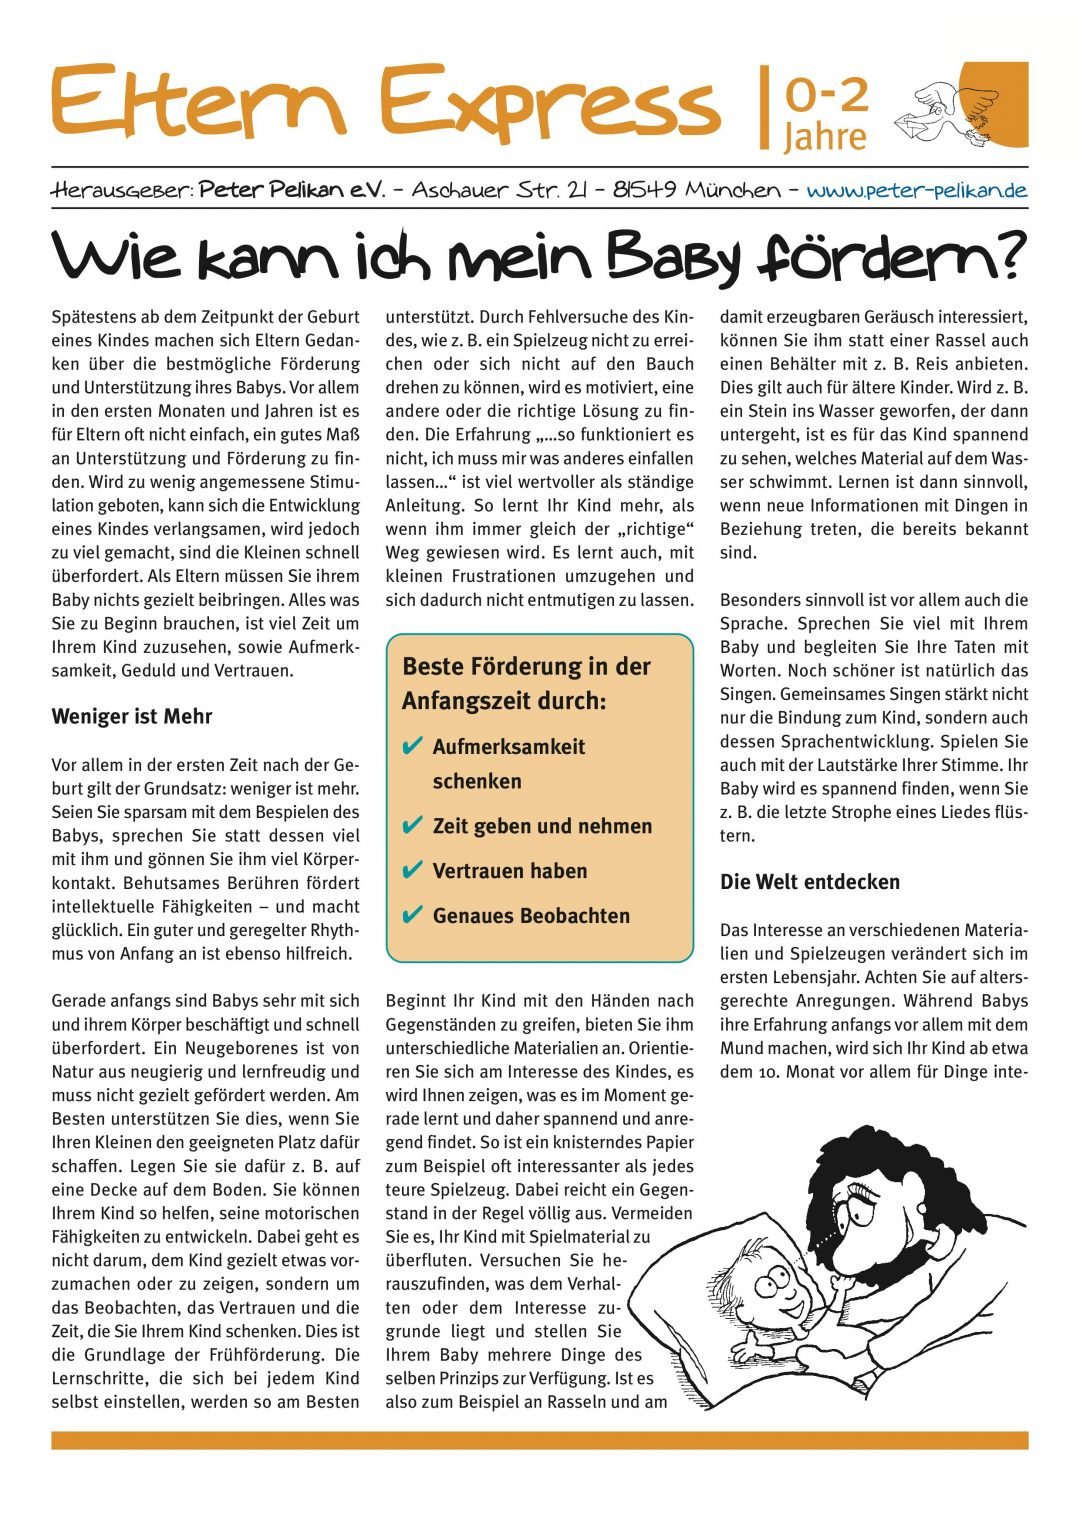 """Express-Brief No. 1 """"Wie kann ich mein Baby fördern?"""""""